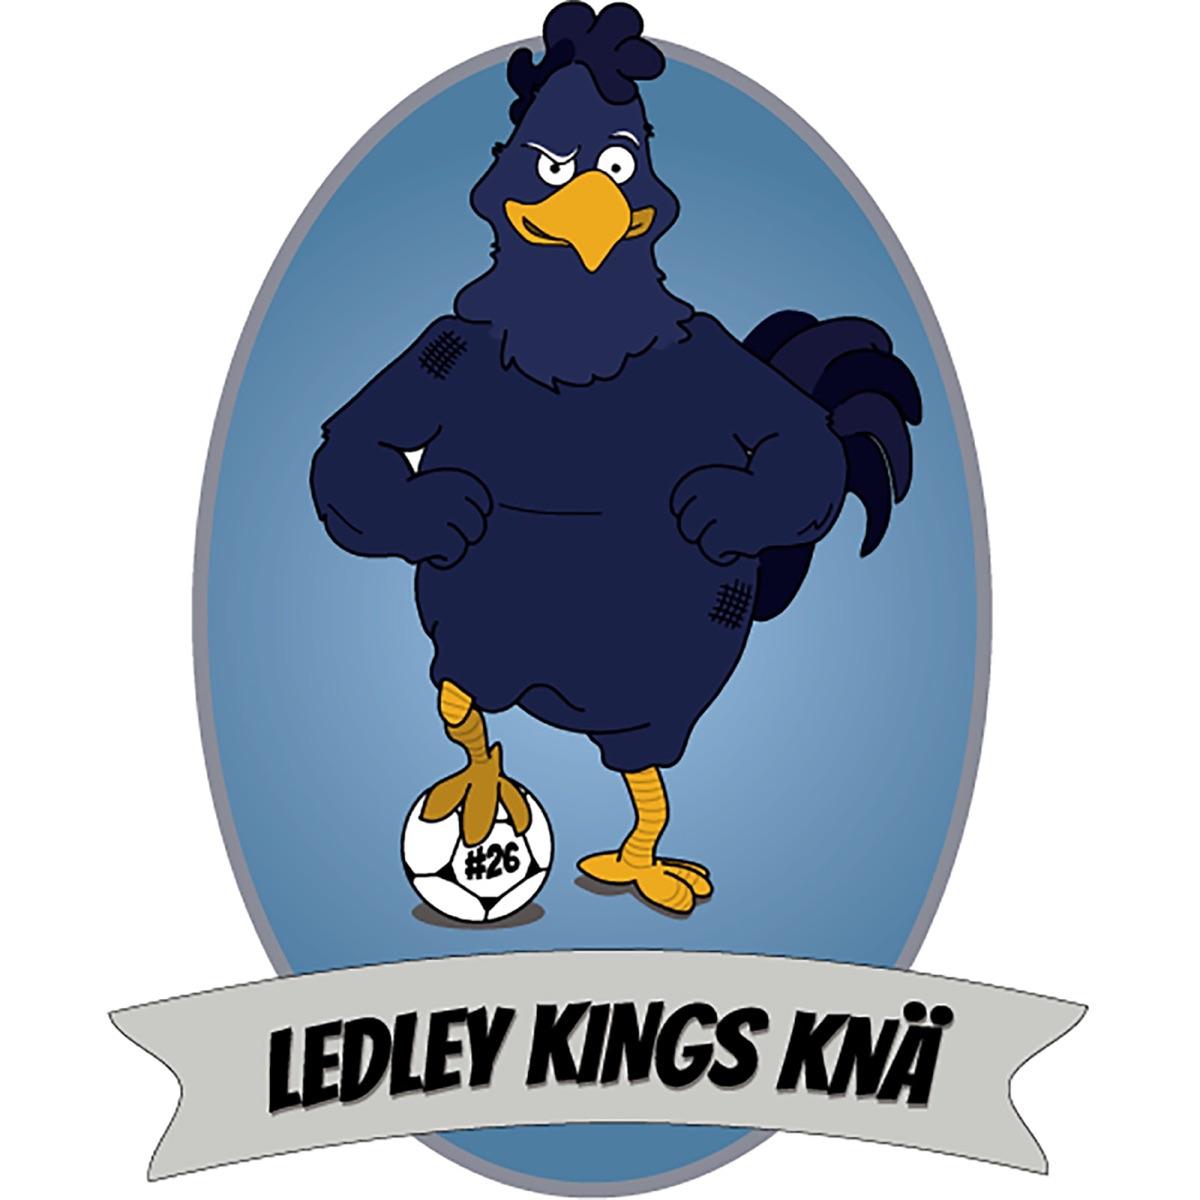 Ledley Kings Knä #252: Nosotros somos Argentina